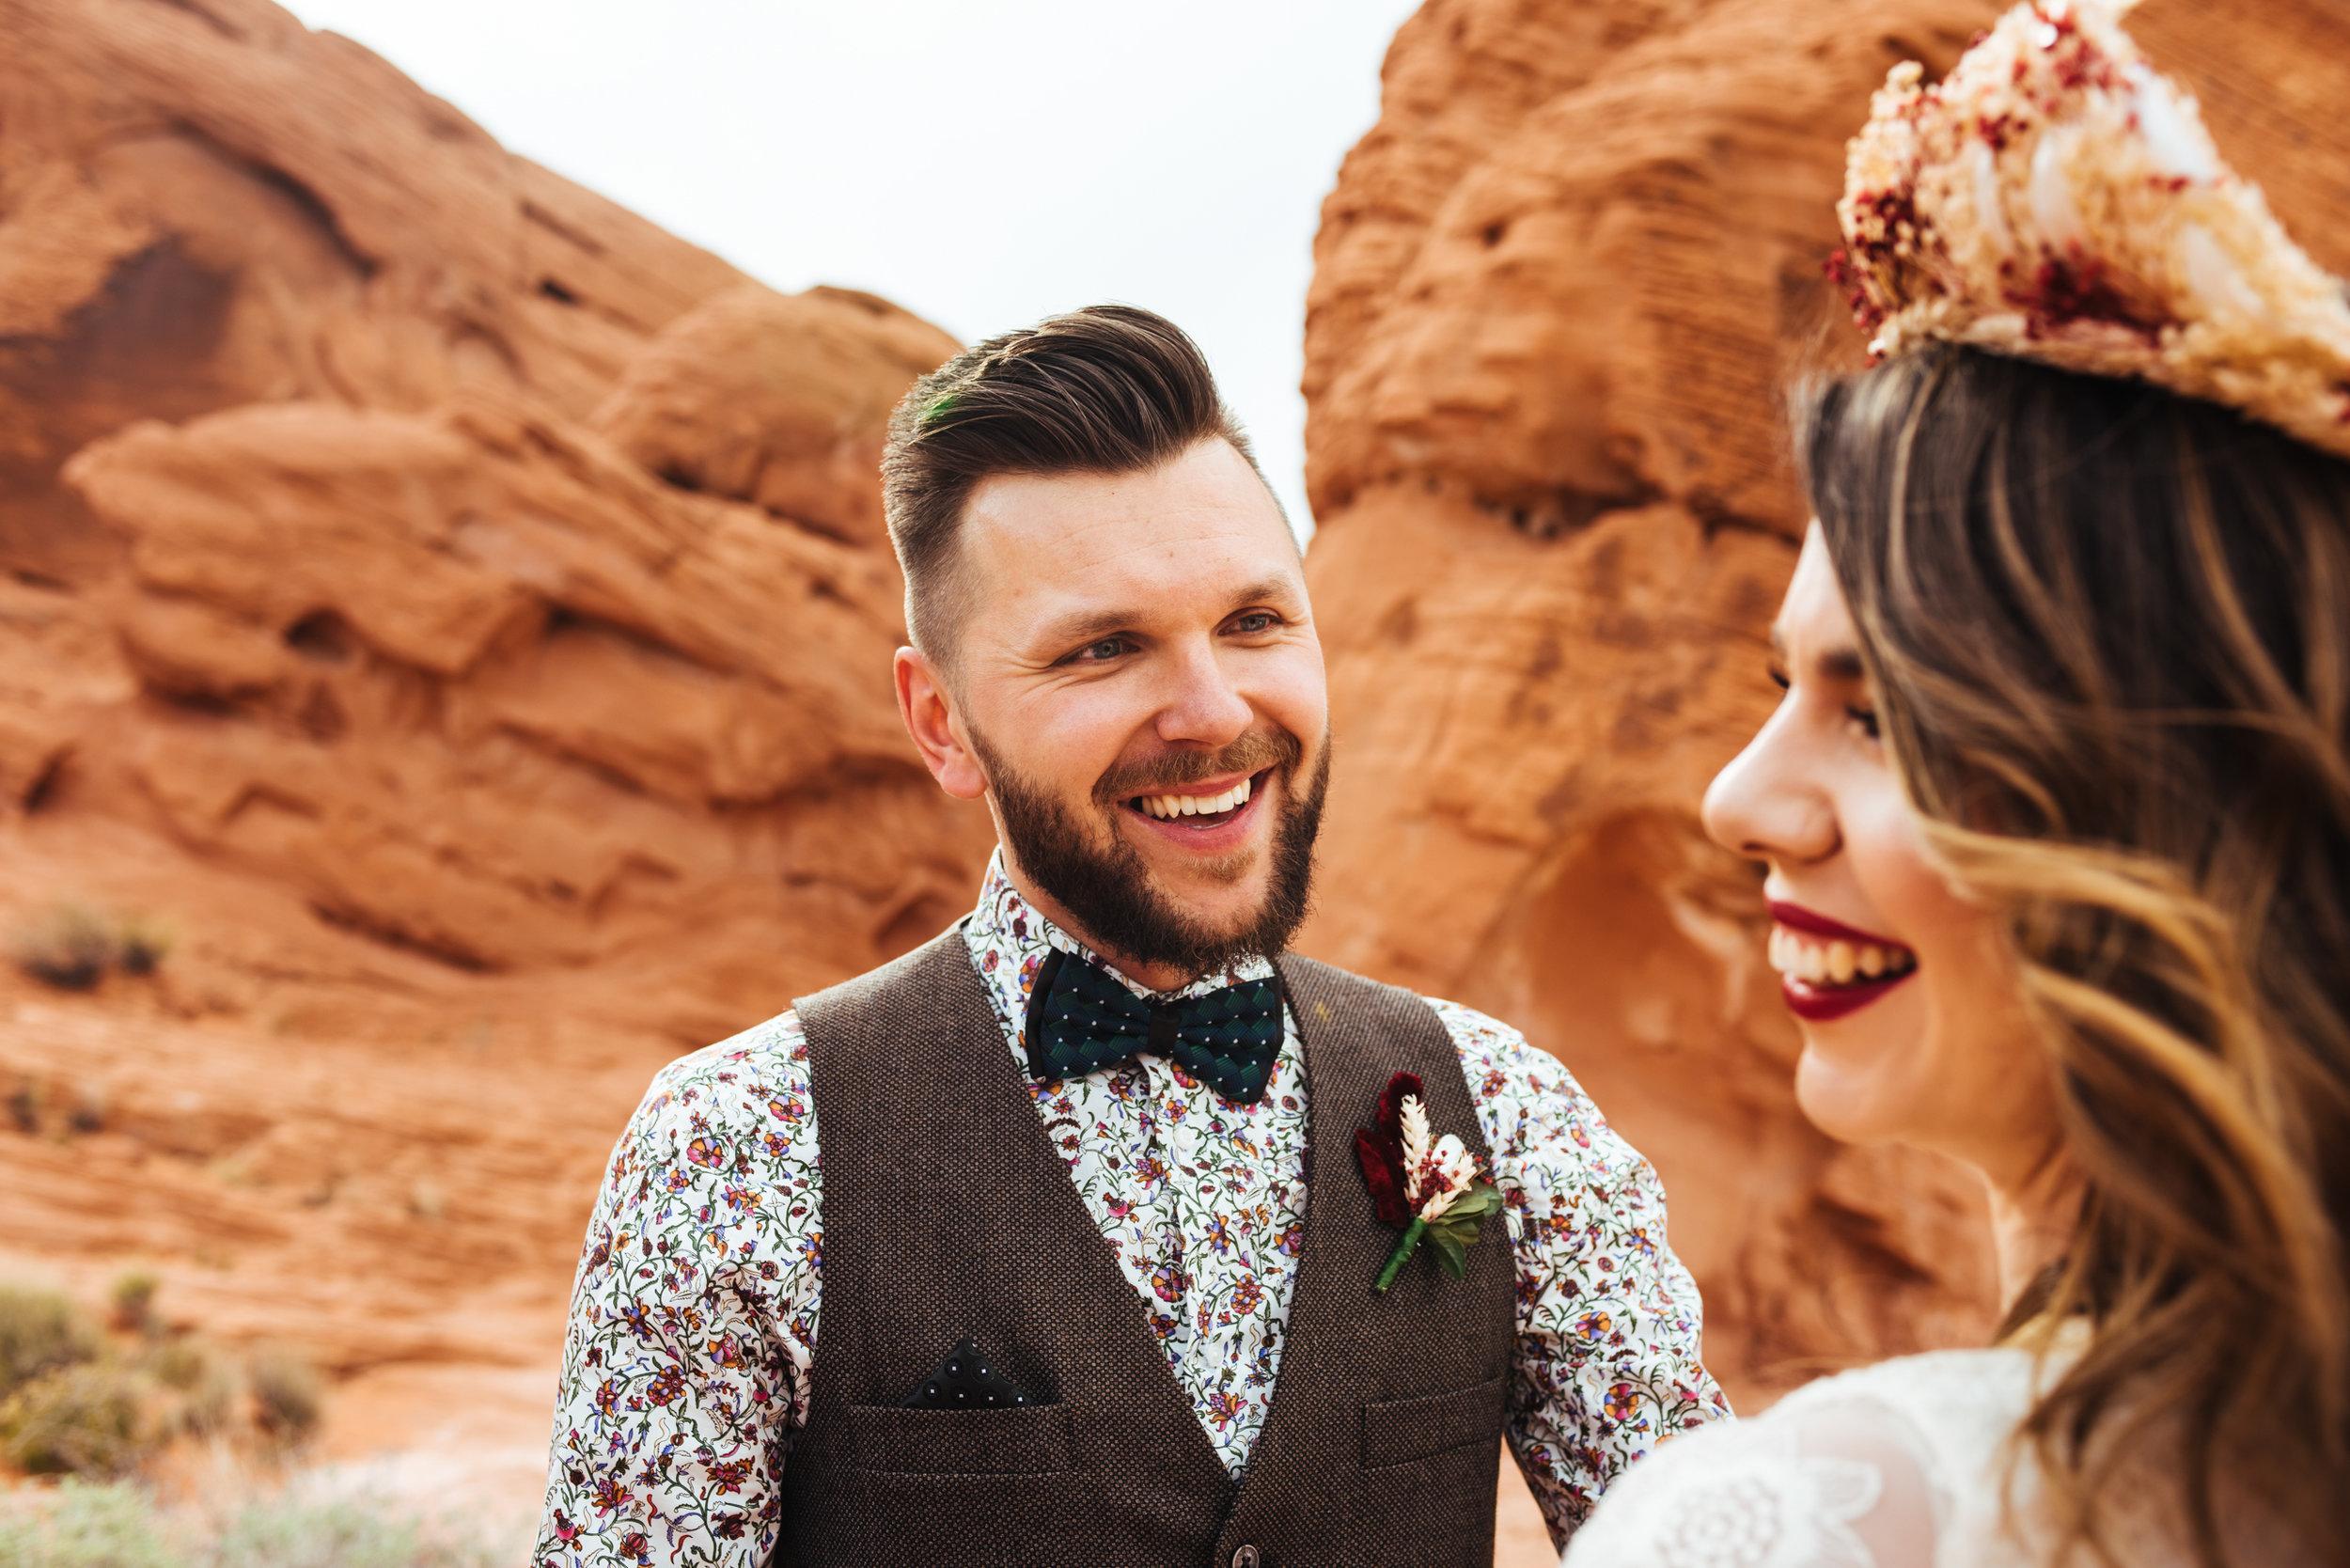 valley of fire, boho elopement, boho wedding, bohemian wedding, boho bride, bohemian bride, las vegas wedding, valley of fire elopement, las vegas wedding, boho style, bohemian